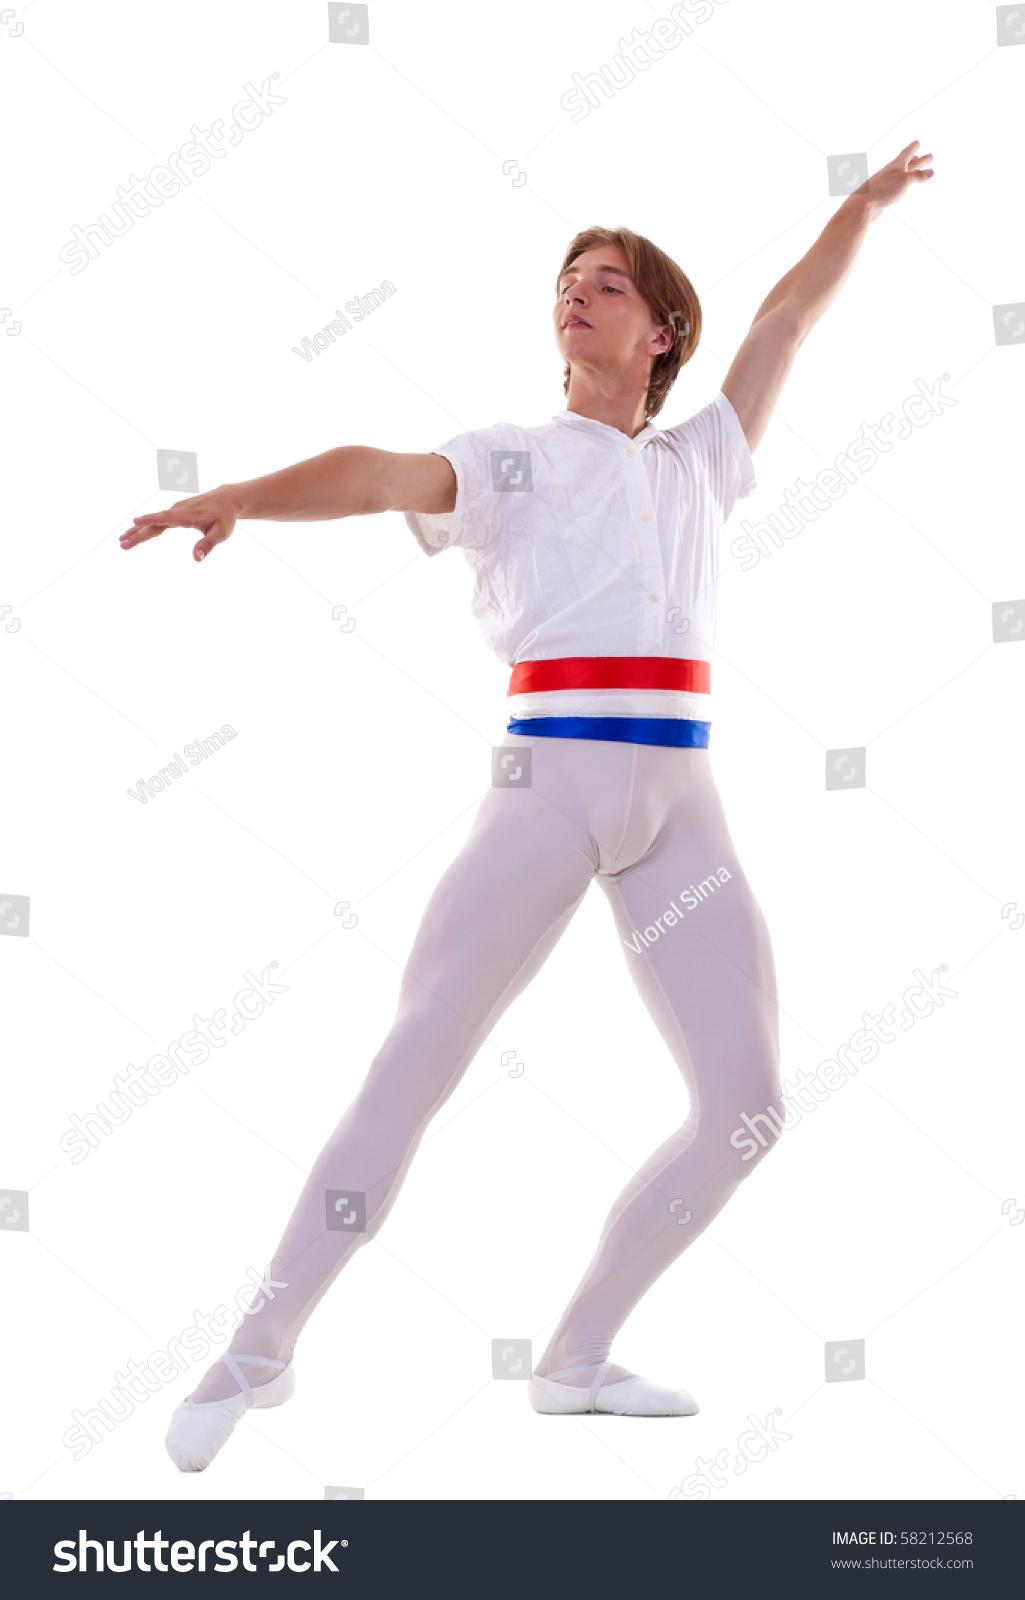 男芭蕾舞者在白色背景上摆姿势-艺术,人物-海洛创意()